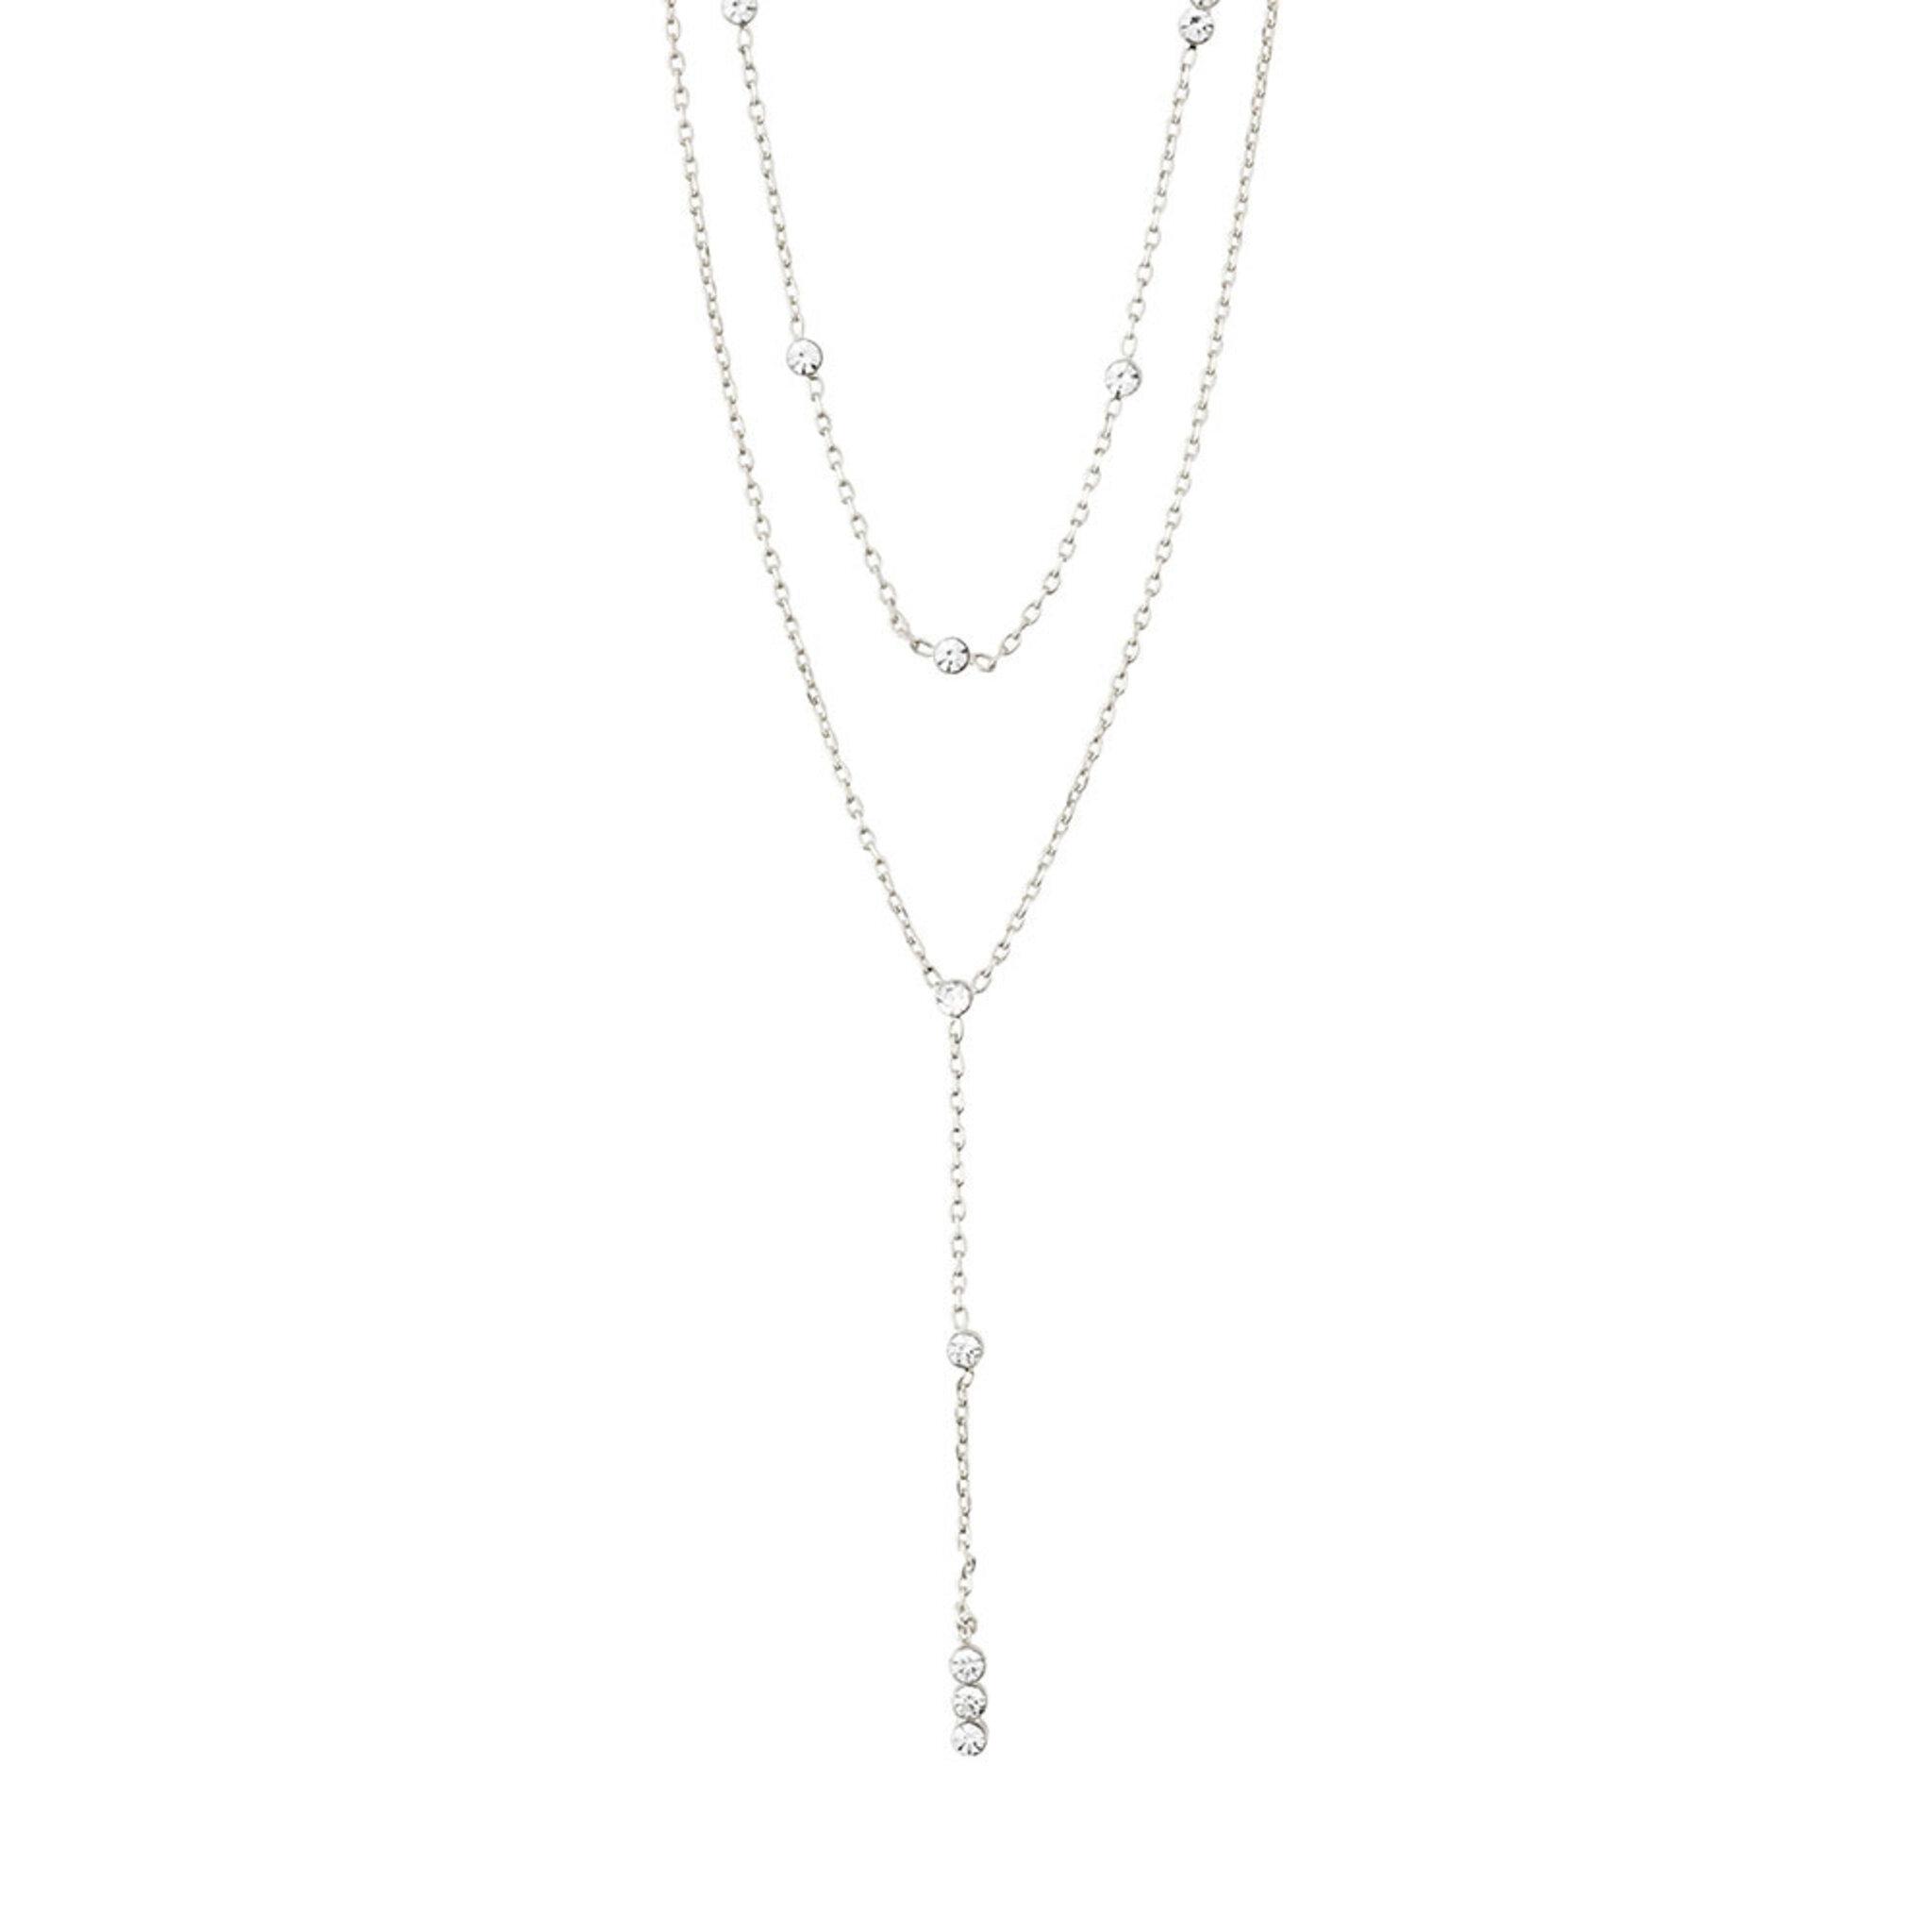 Halsband Kamari, ONE SIZE